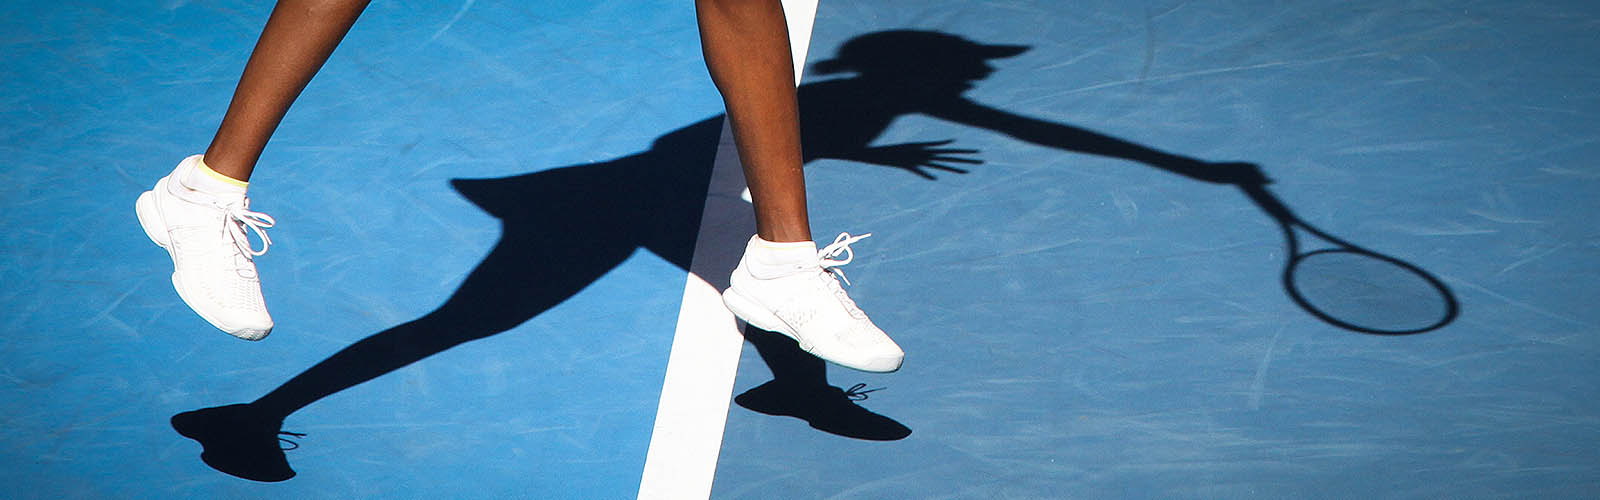 BSNC-Tennis